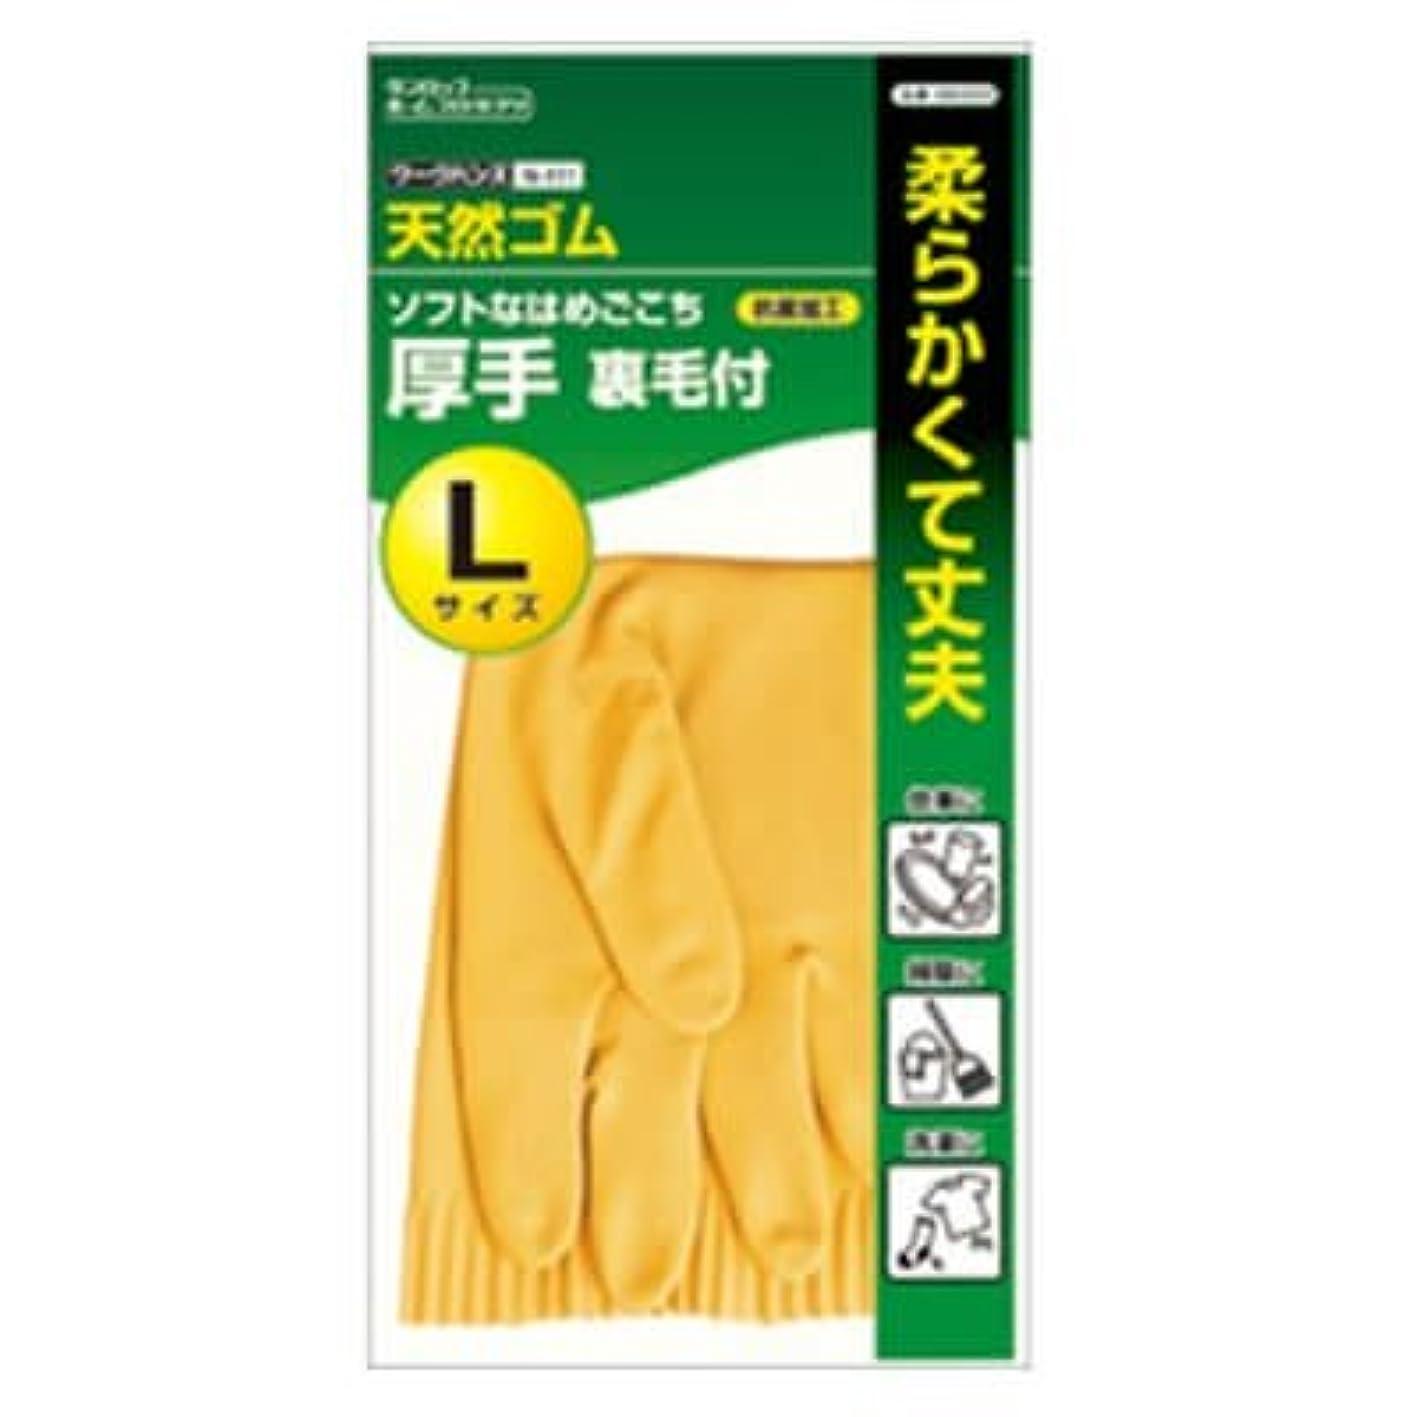 レンド適格東【ケース販売】 ダンロップ ワークハンズ N-111 天然ゴム厚手 L オレンジ (10双×12袋)